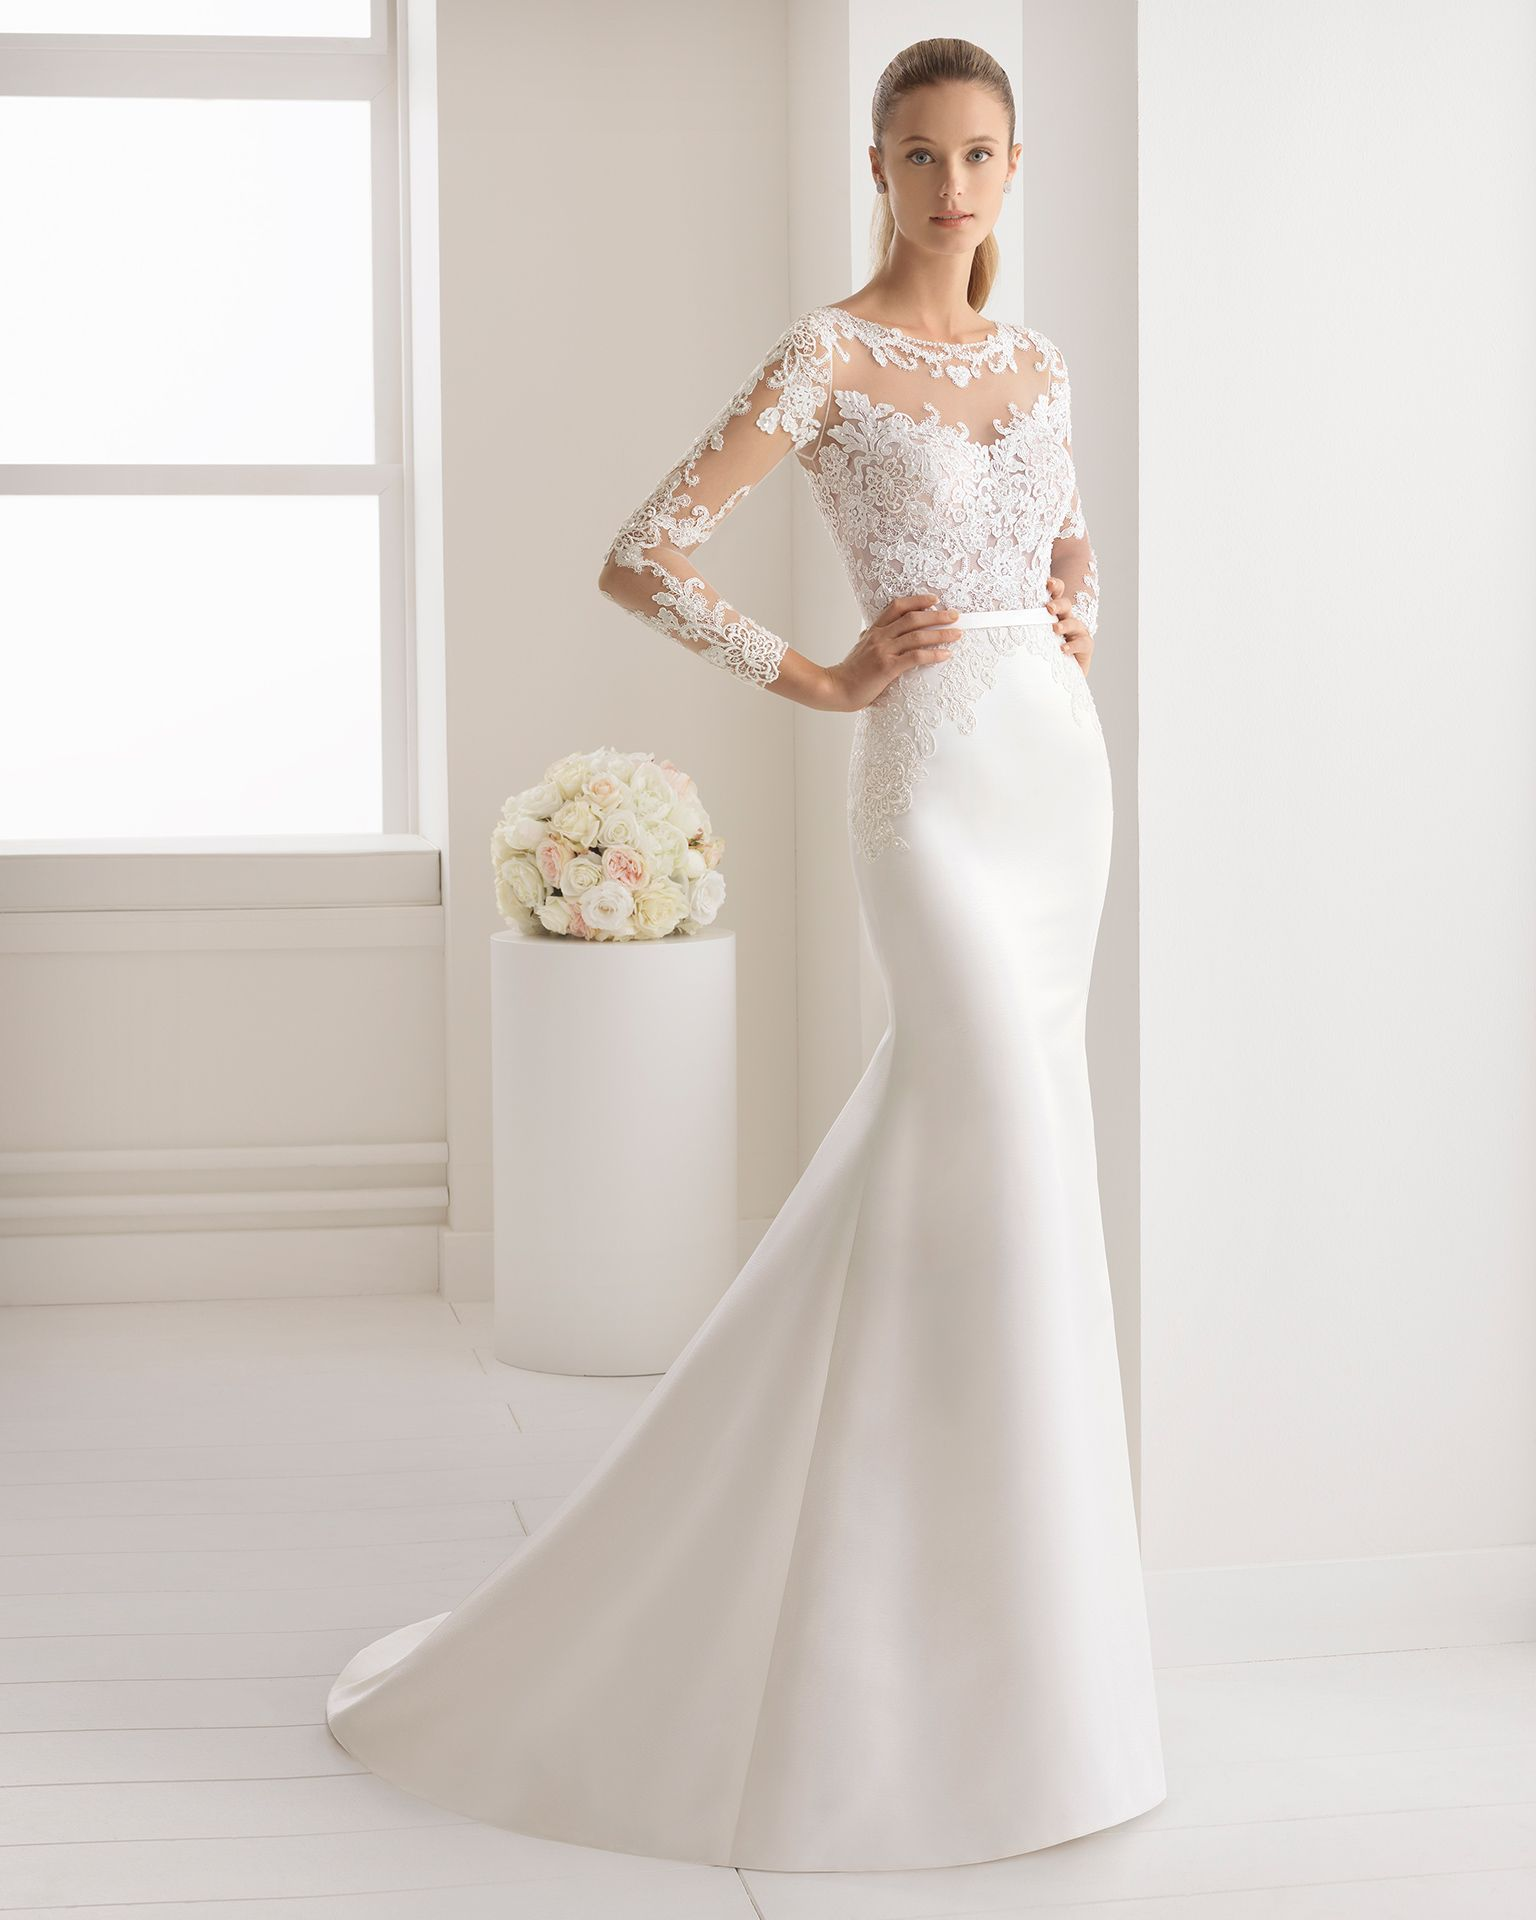 Vestido de novia corte sirena en raso duquesa encaje y pedreria de